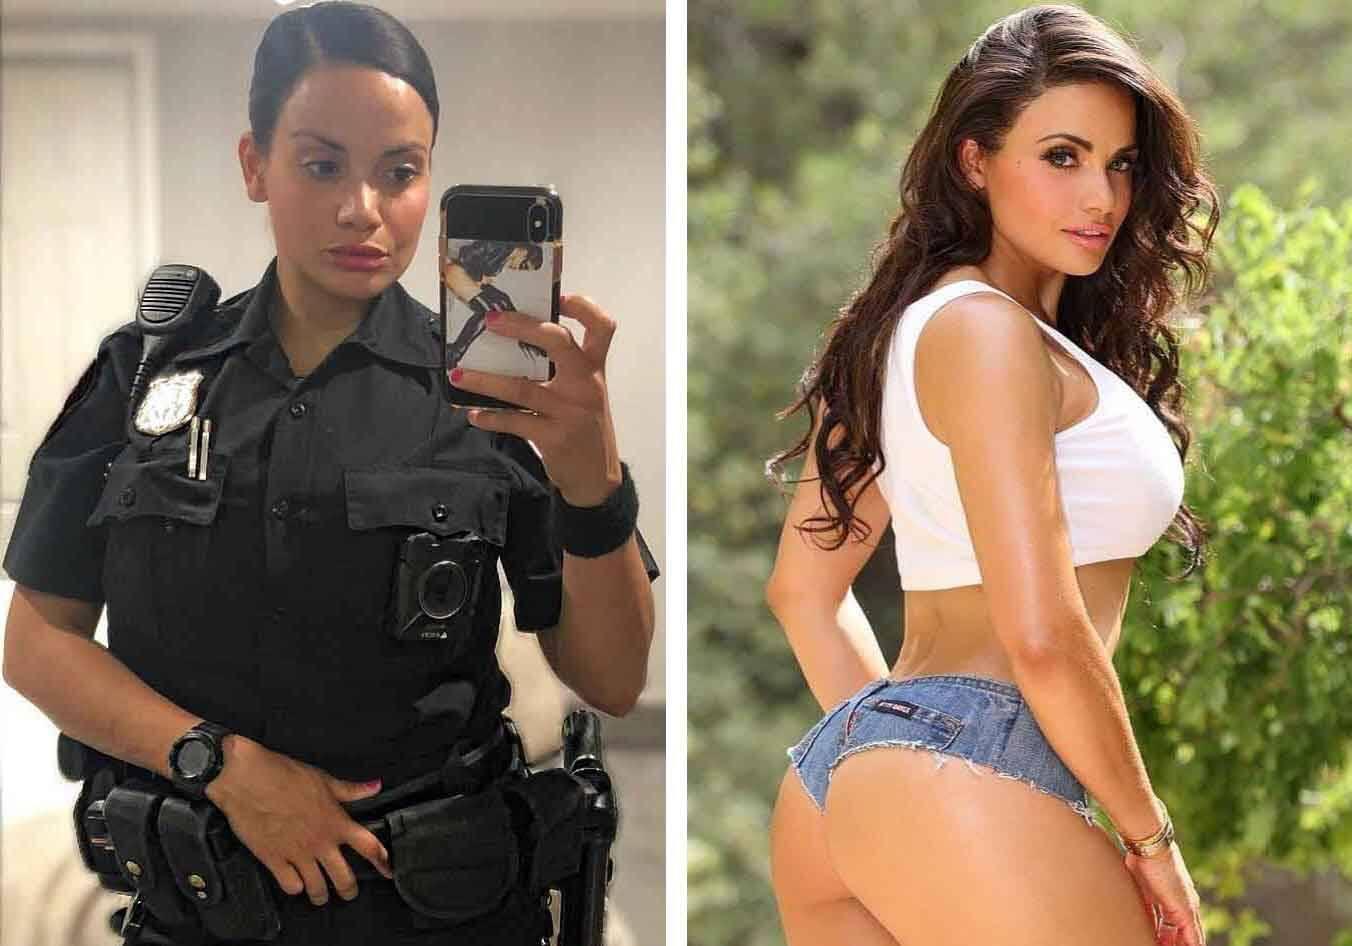 Conheça Samantha Sepulveda eleita a policial mais sensual de NY